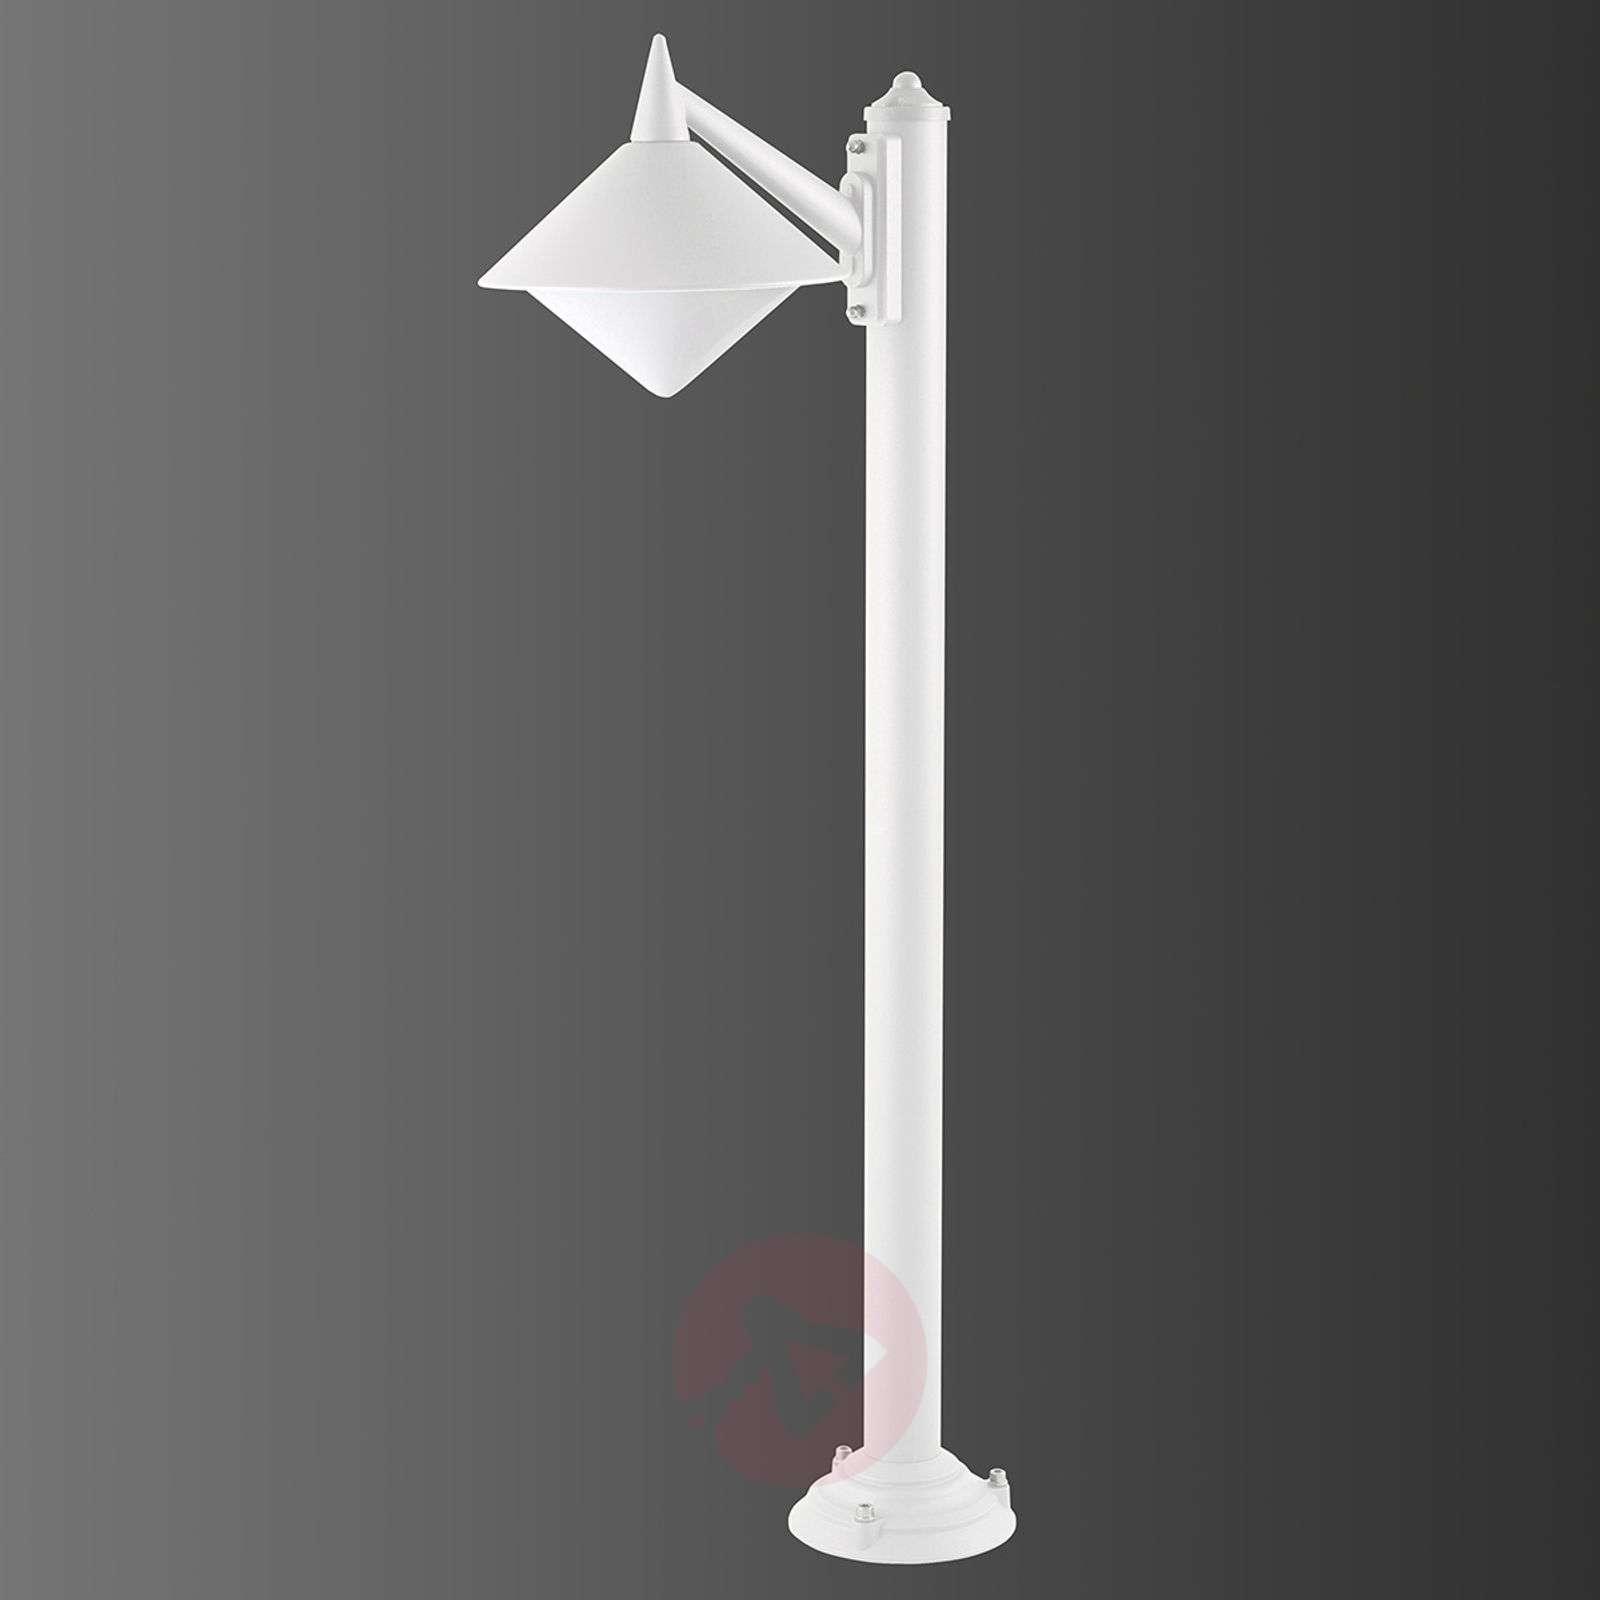 Valkoinen Liara-tievalaisin, merivedenkestävä-6068077-01